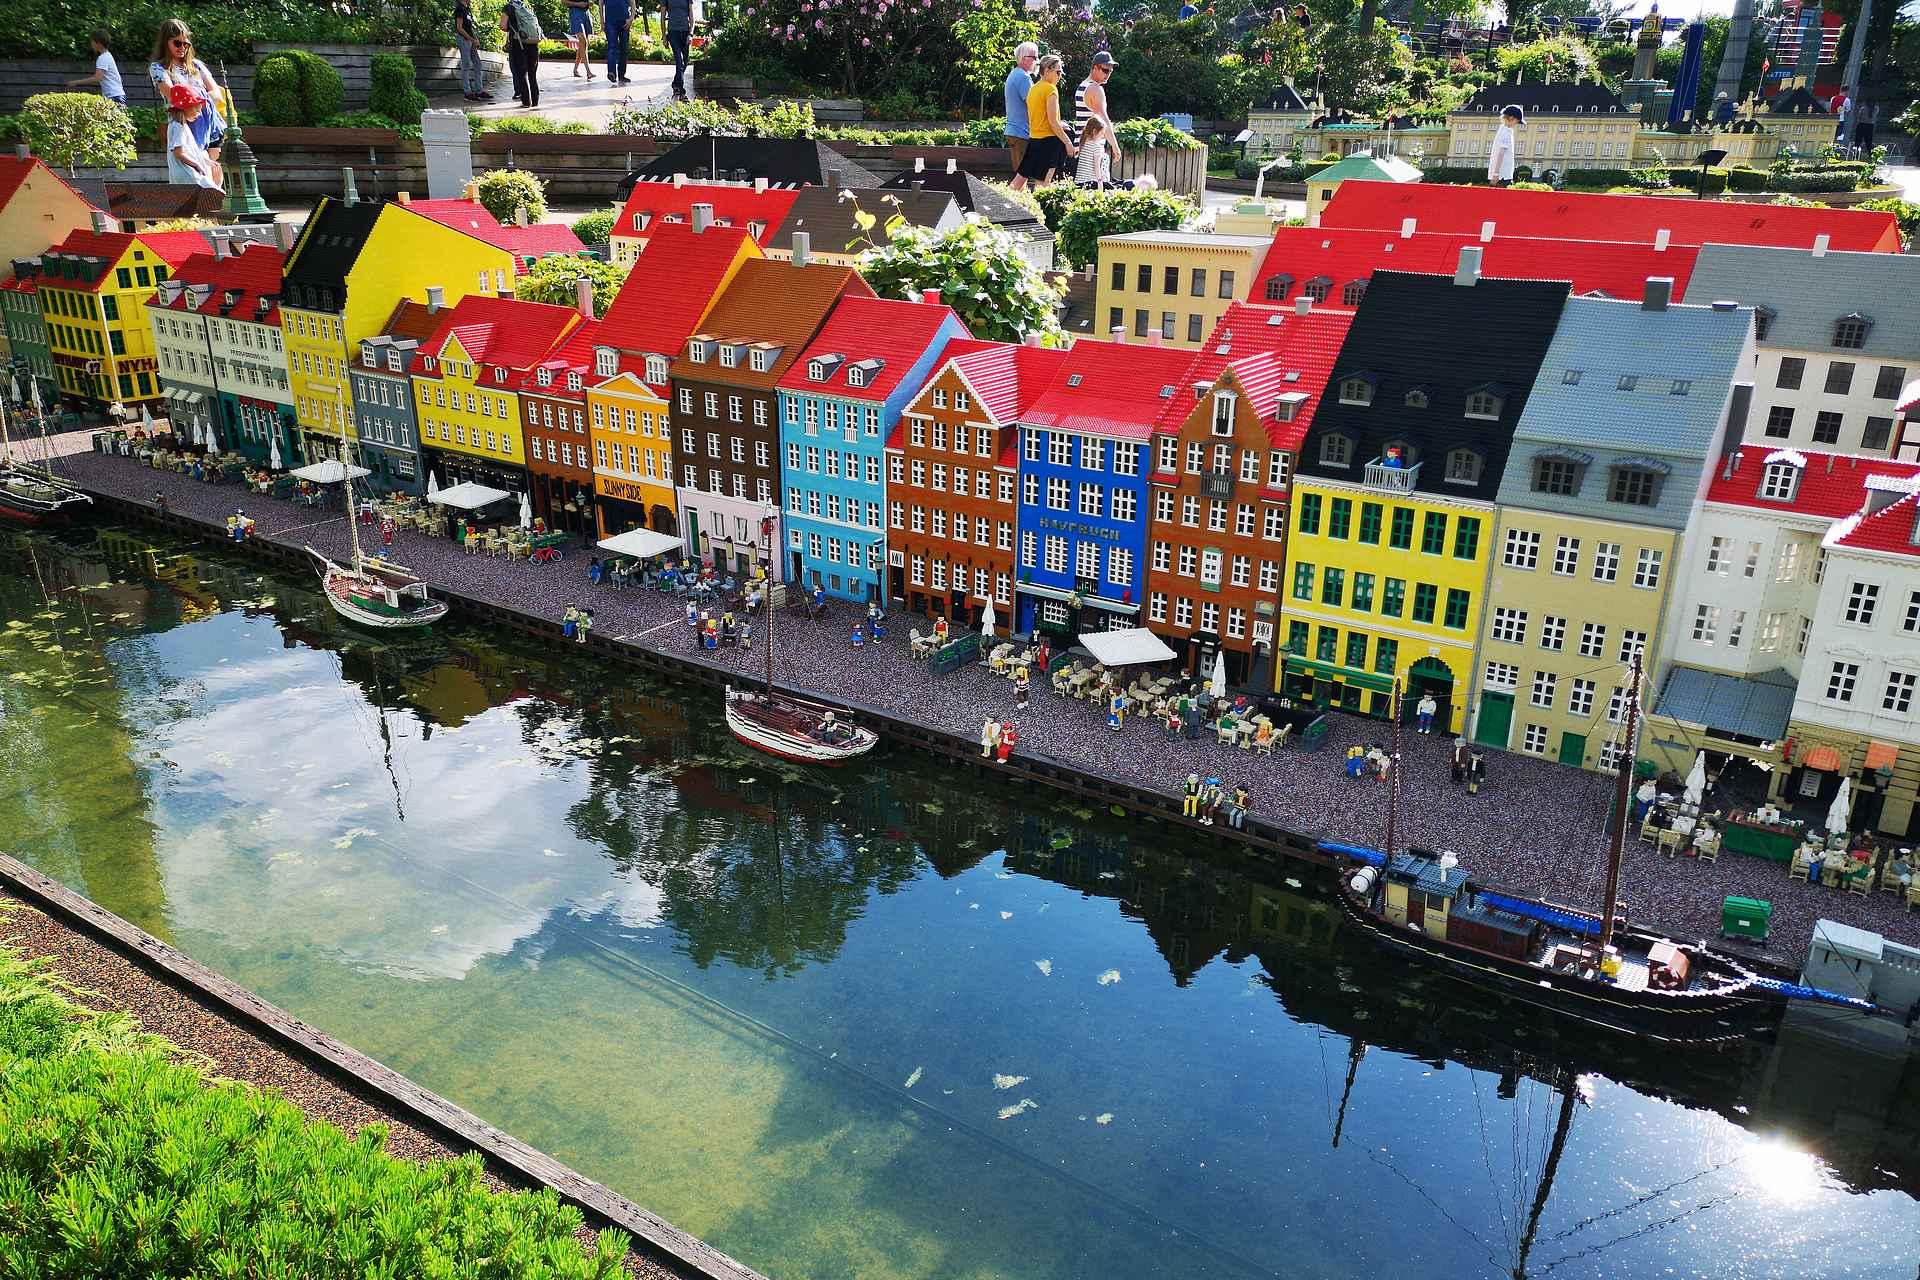 Nähdäkö Nyhavn Kööpenhaminassa myös livenä vai ei? Matkareitin suunnittelussa joutuu rajaamaan kohteet tarkkaan, että aikataulu pitää kutinsa.